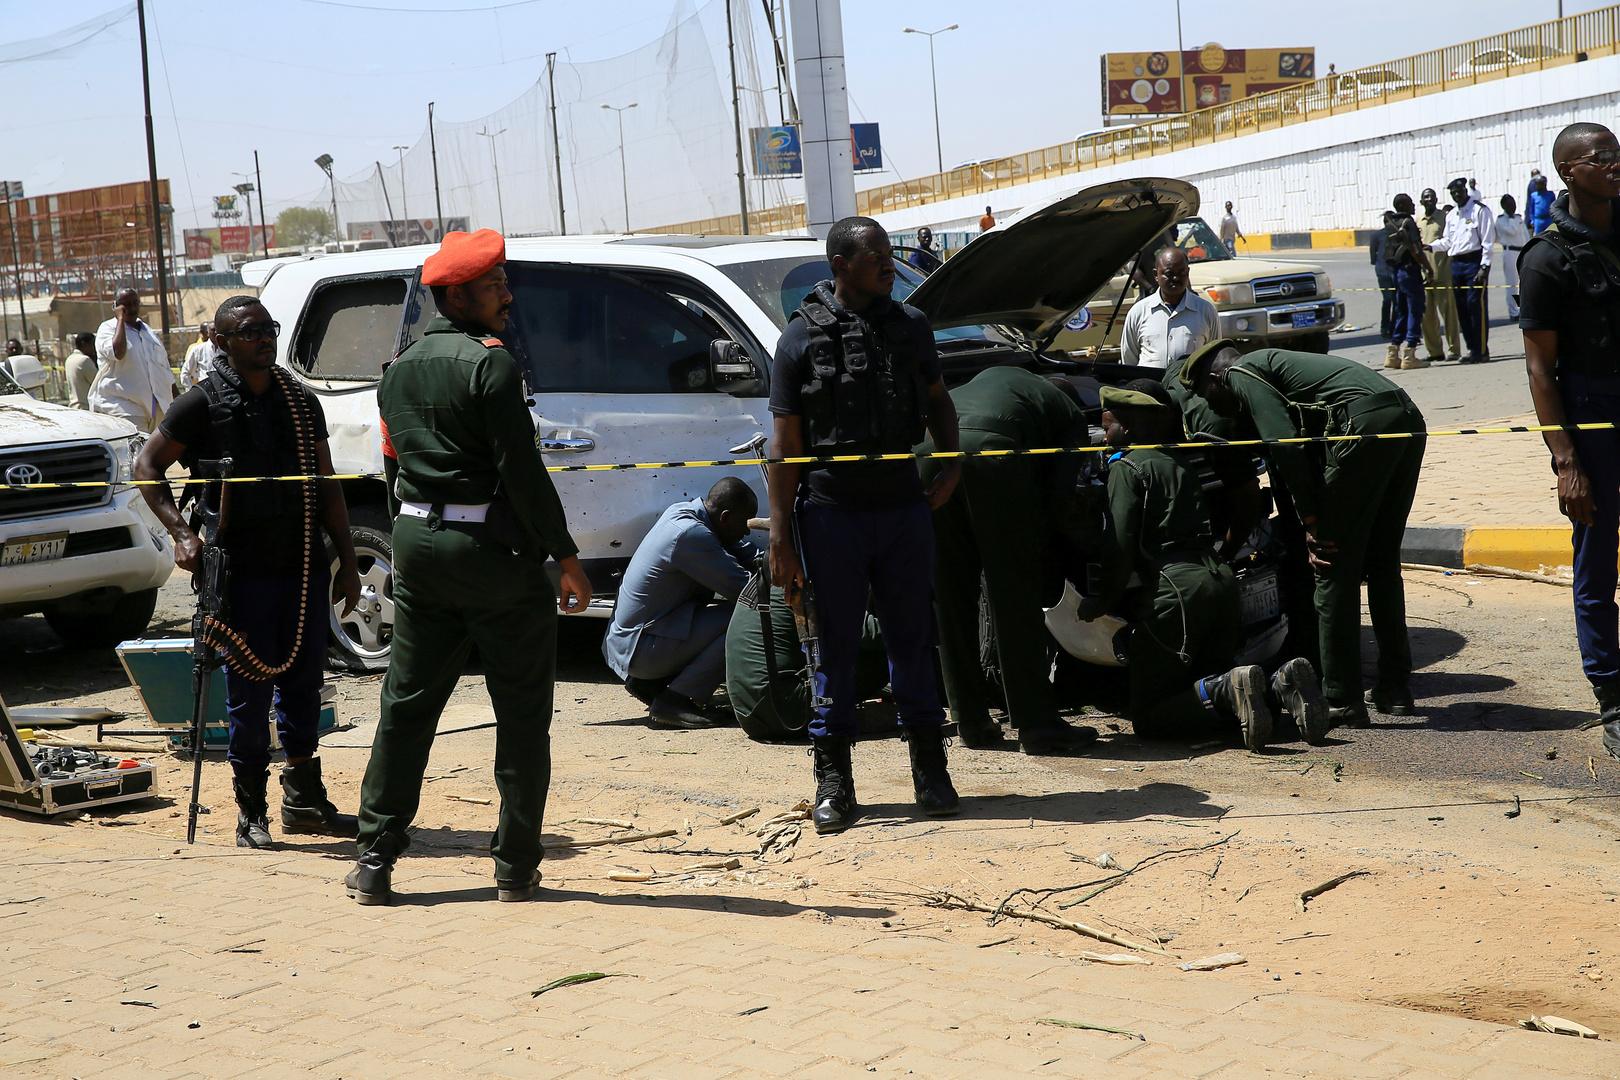 محاولة اغتيال رئيس الوزراء السوداني عبد الله حمدوك